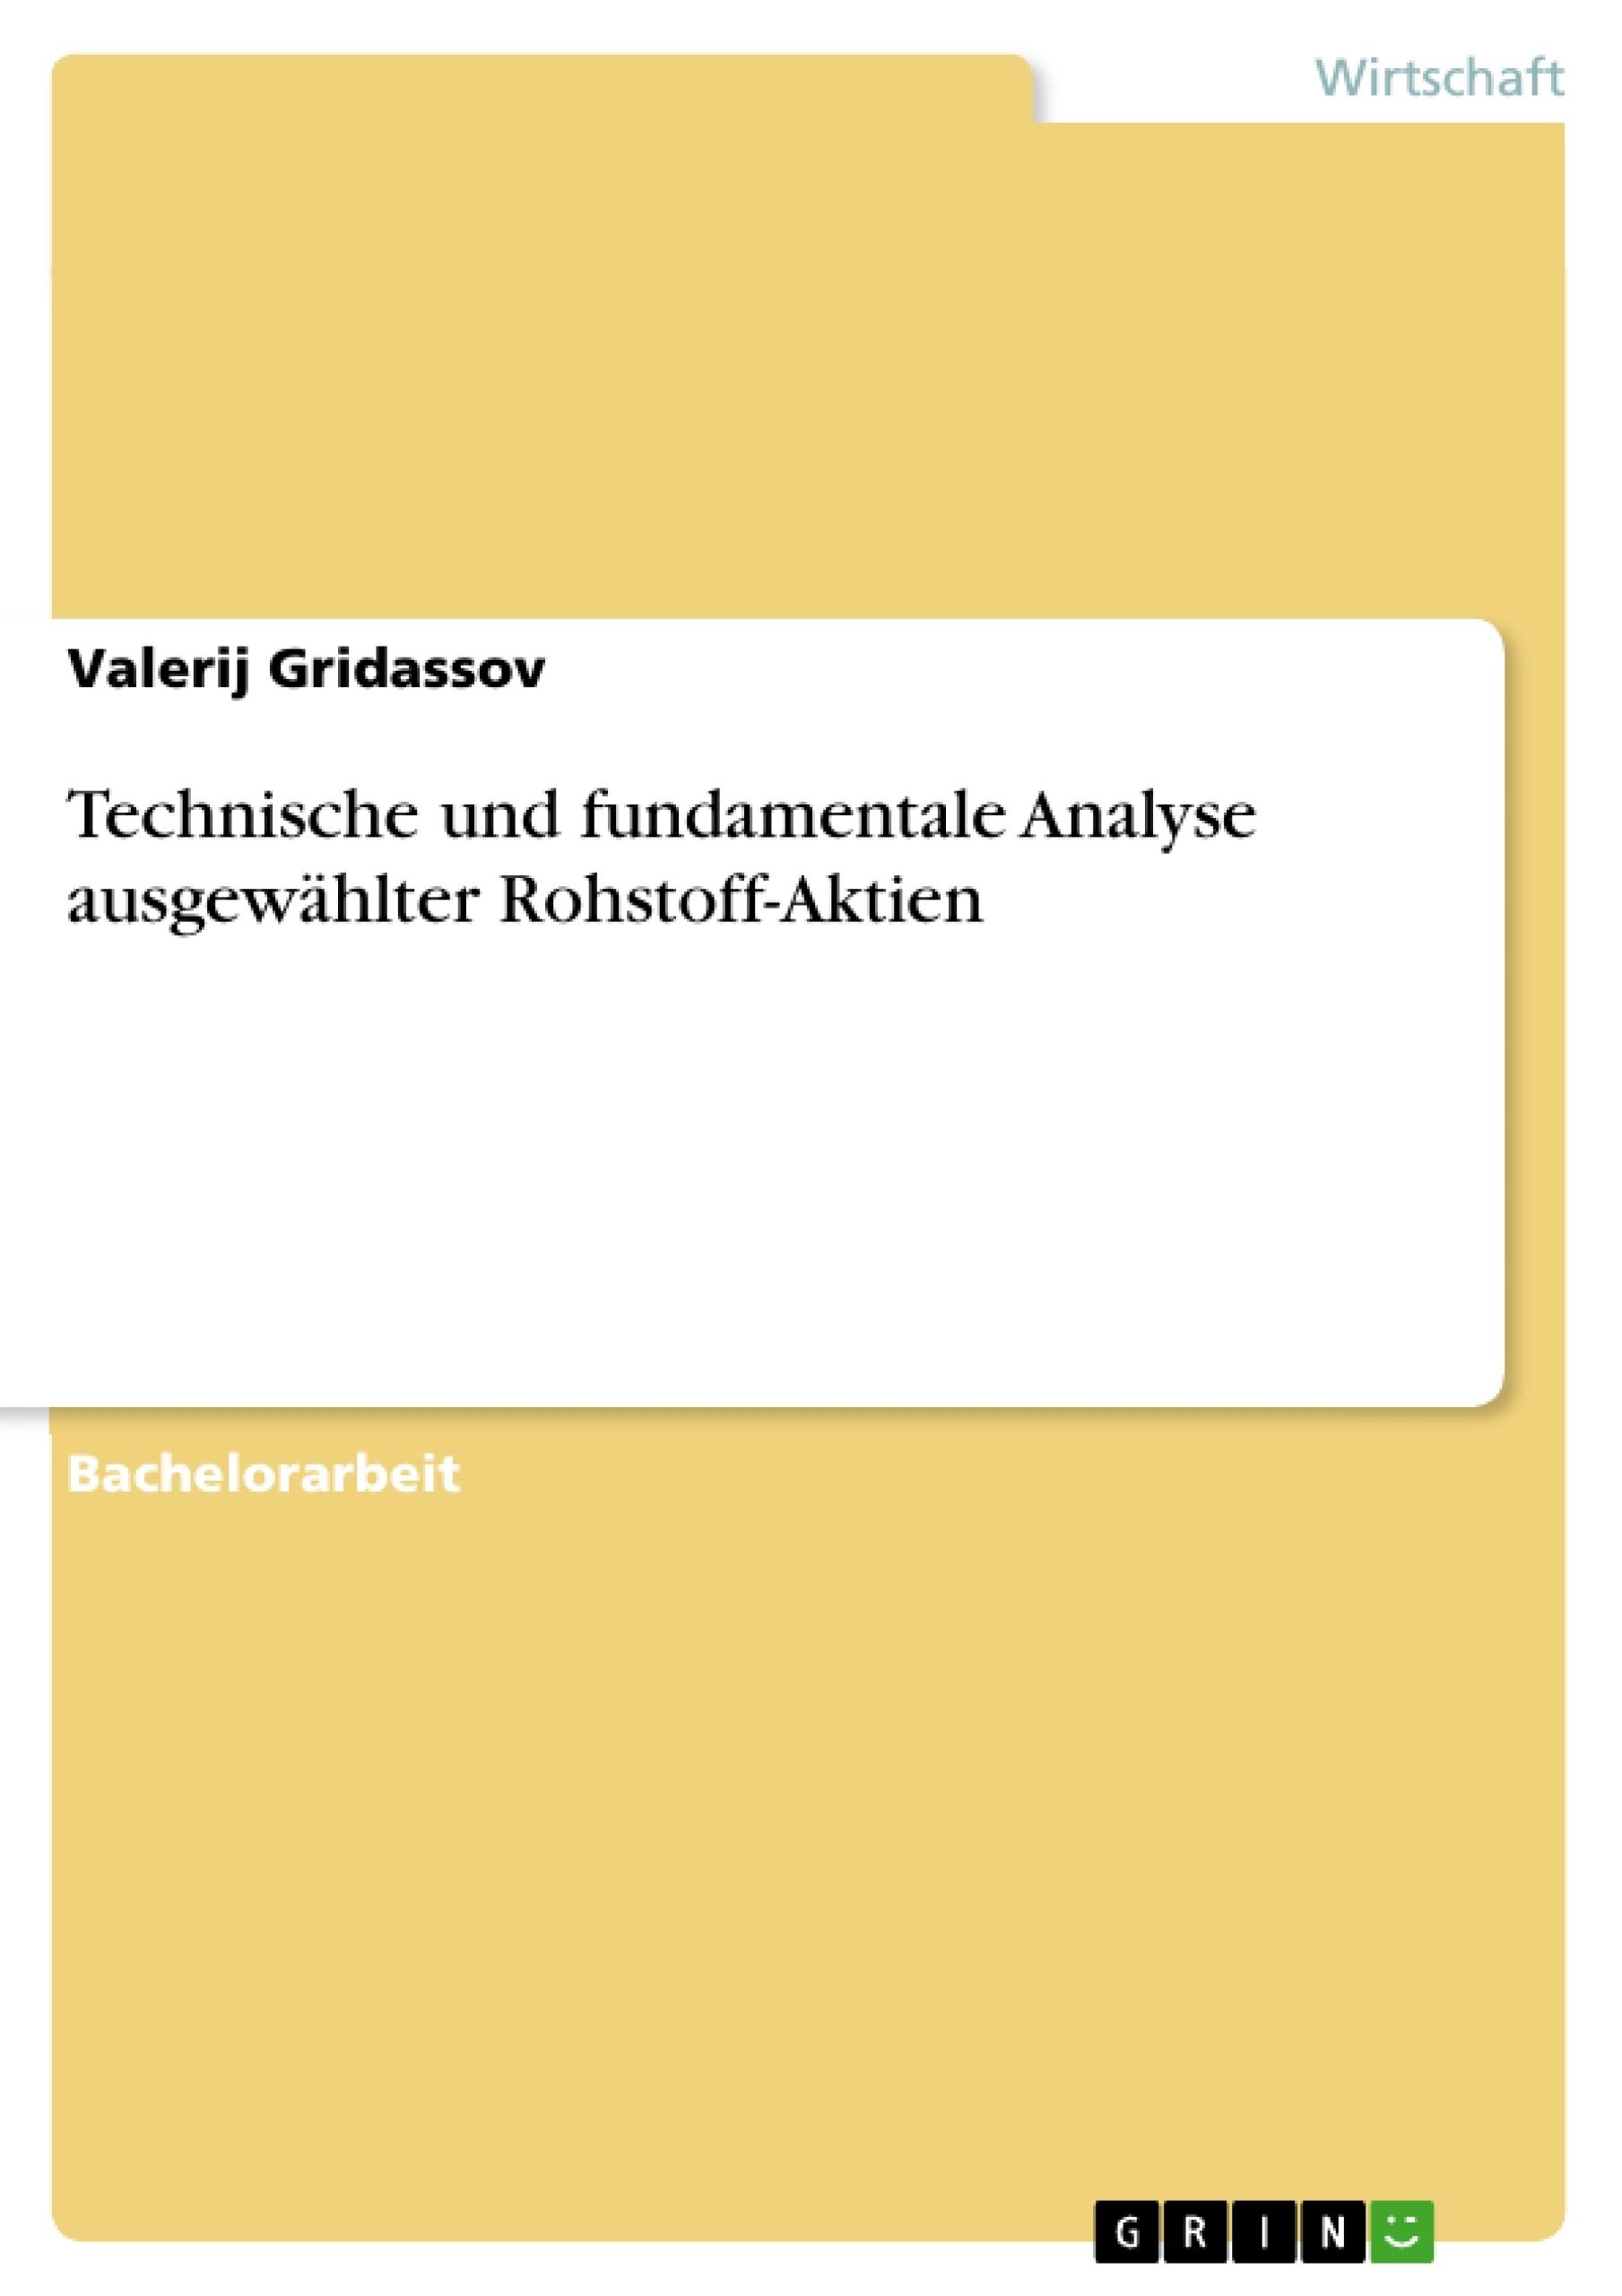 Titel: Technische und fundamentale Analyse ausgewählter Rohstoff-Aktien